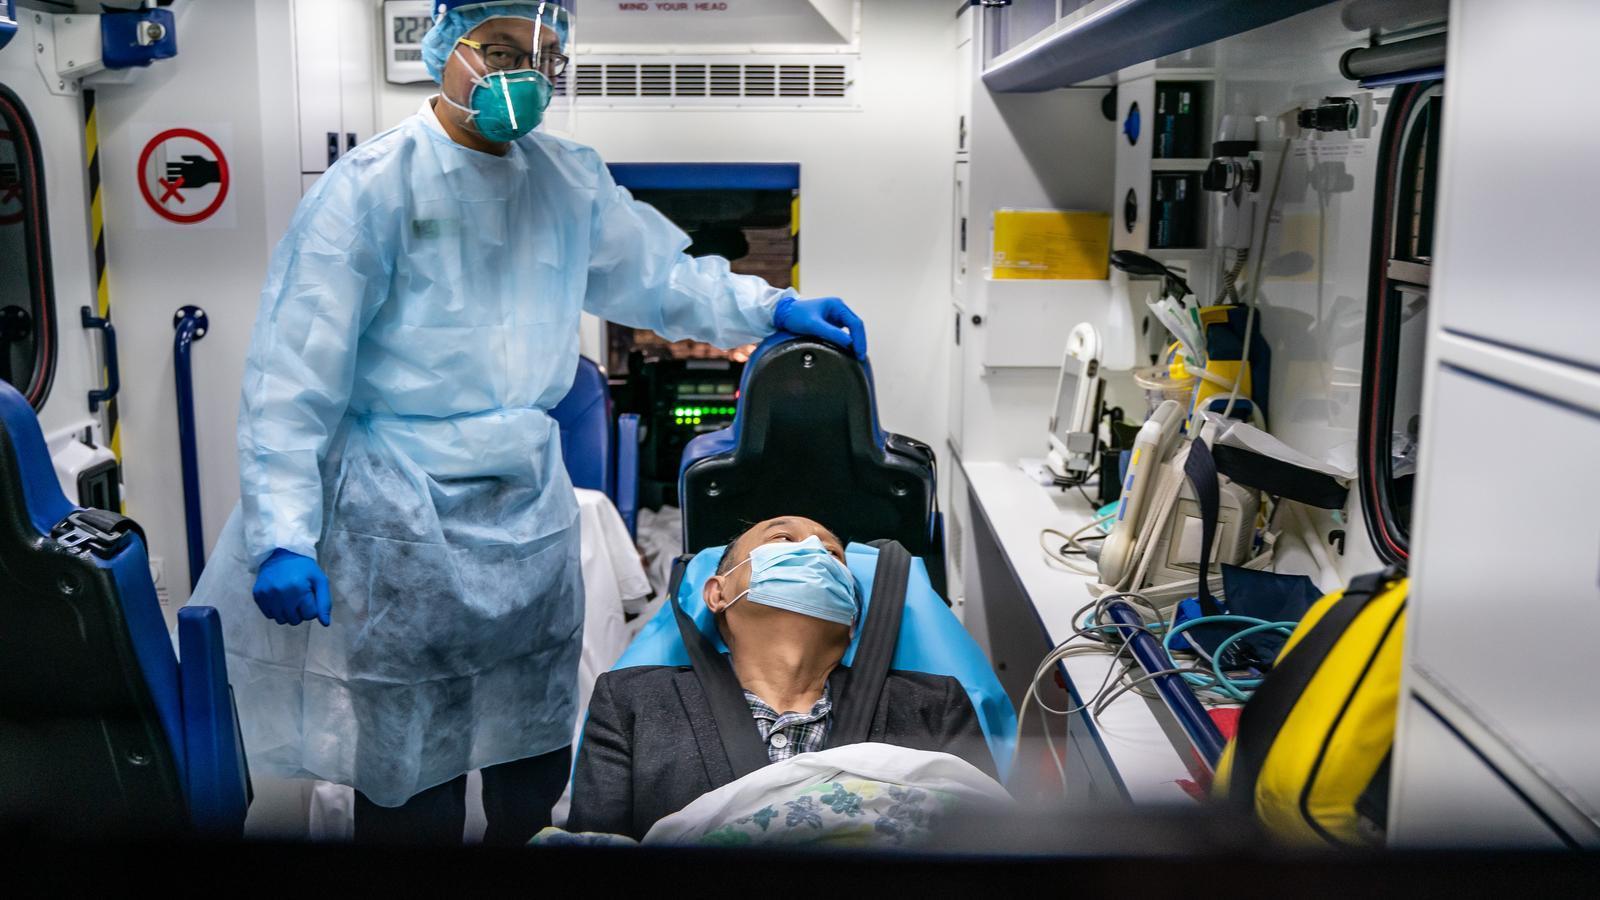 Un pacient és traslladat per una ambulància al Centre de Malalties Infeccioses de l'Hospital Princess Margaret a Hong Kong, Xina